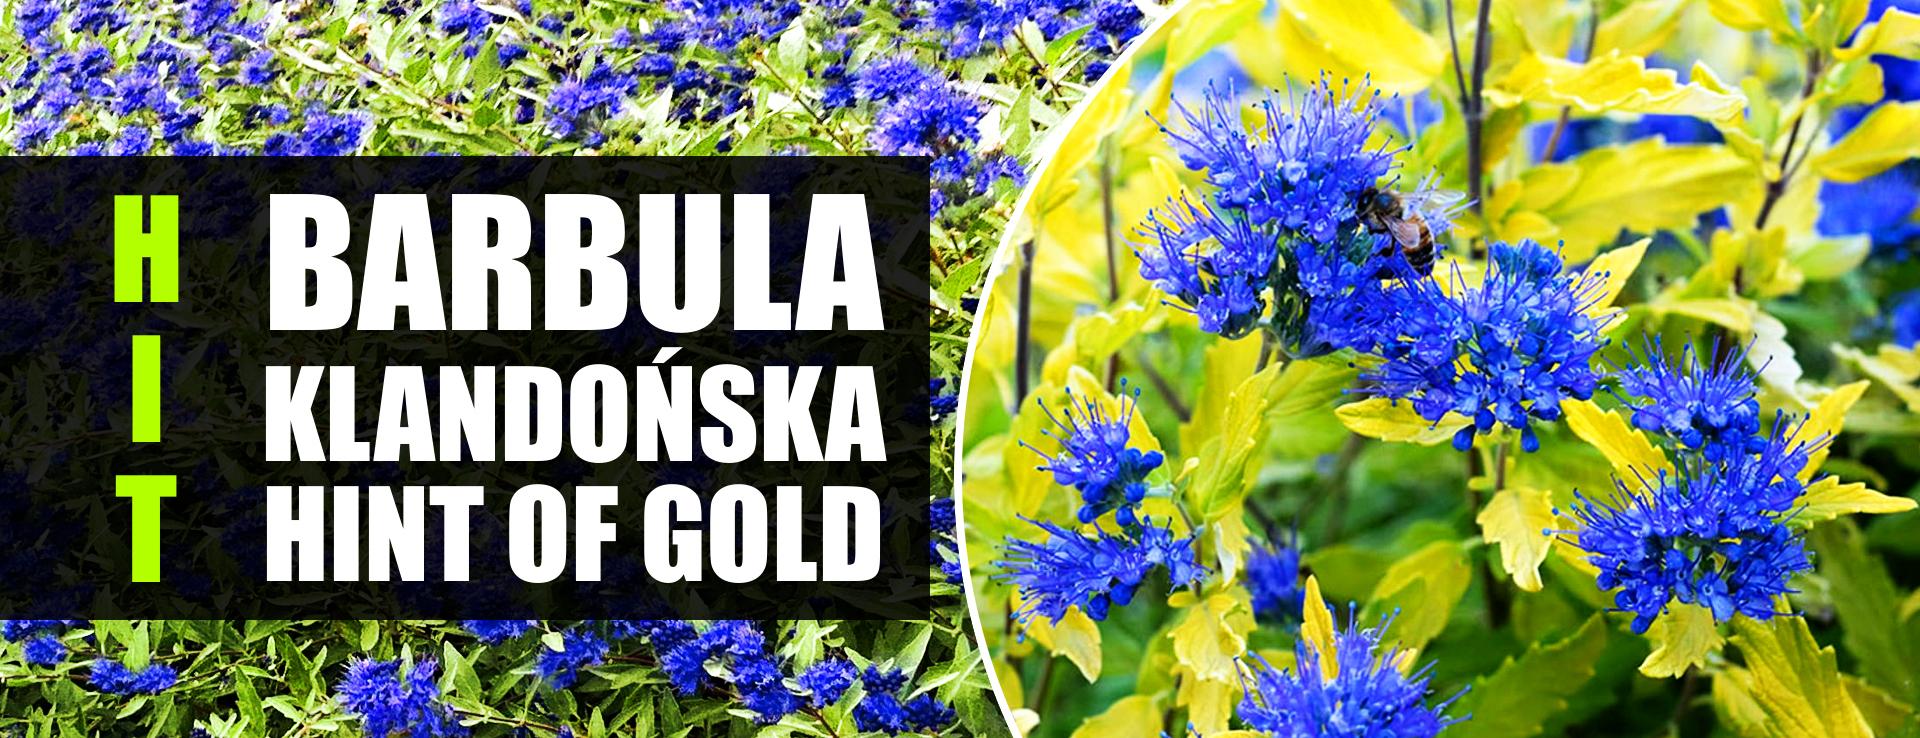 BARBULA klandońska hint of gold niebieska chmura kwiatów limonkowe liście